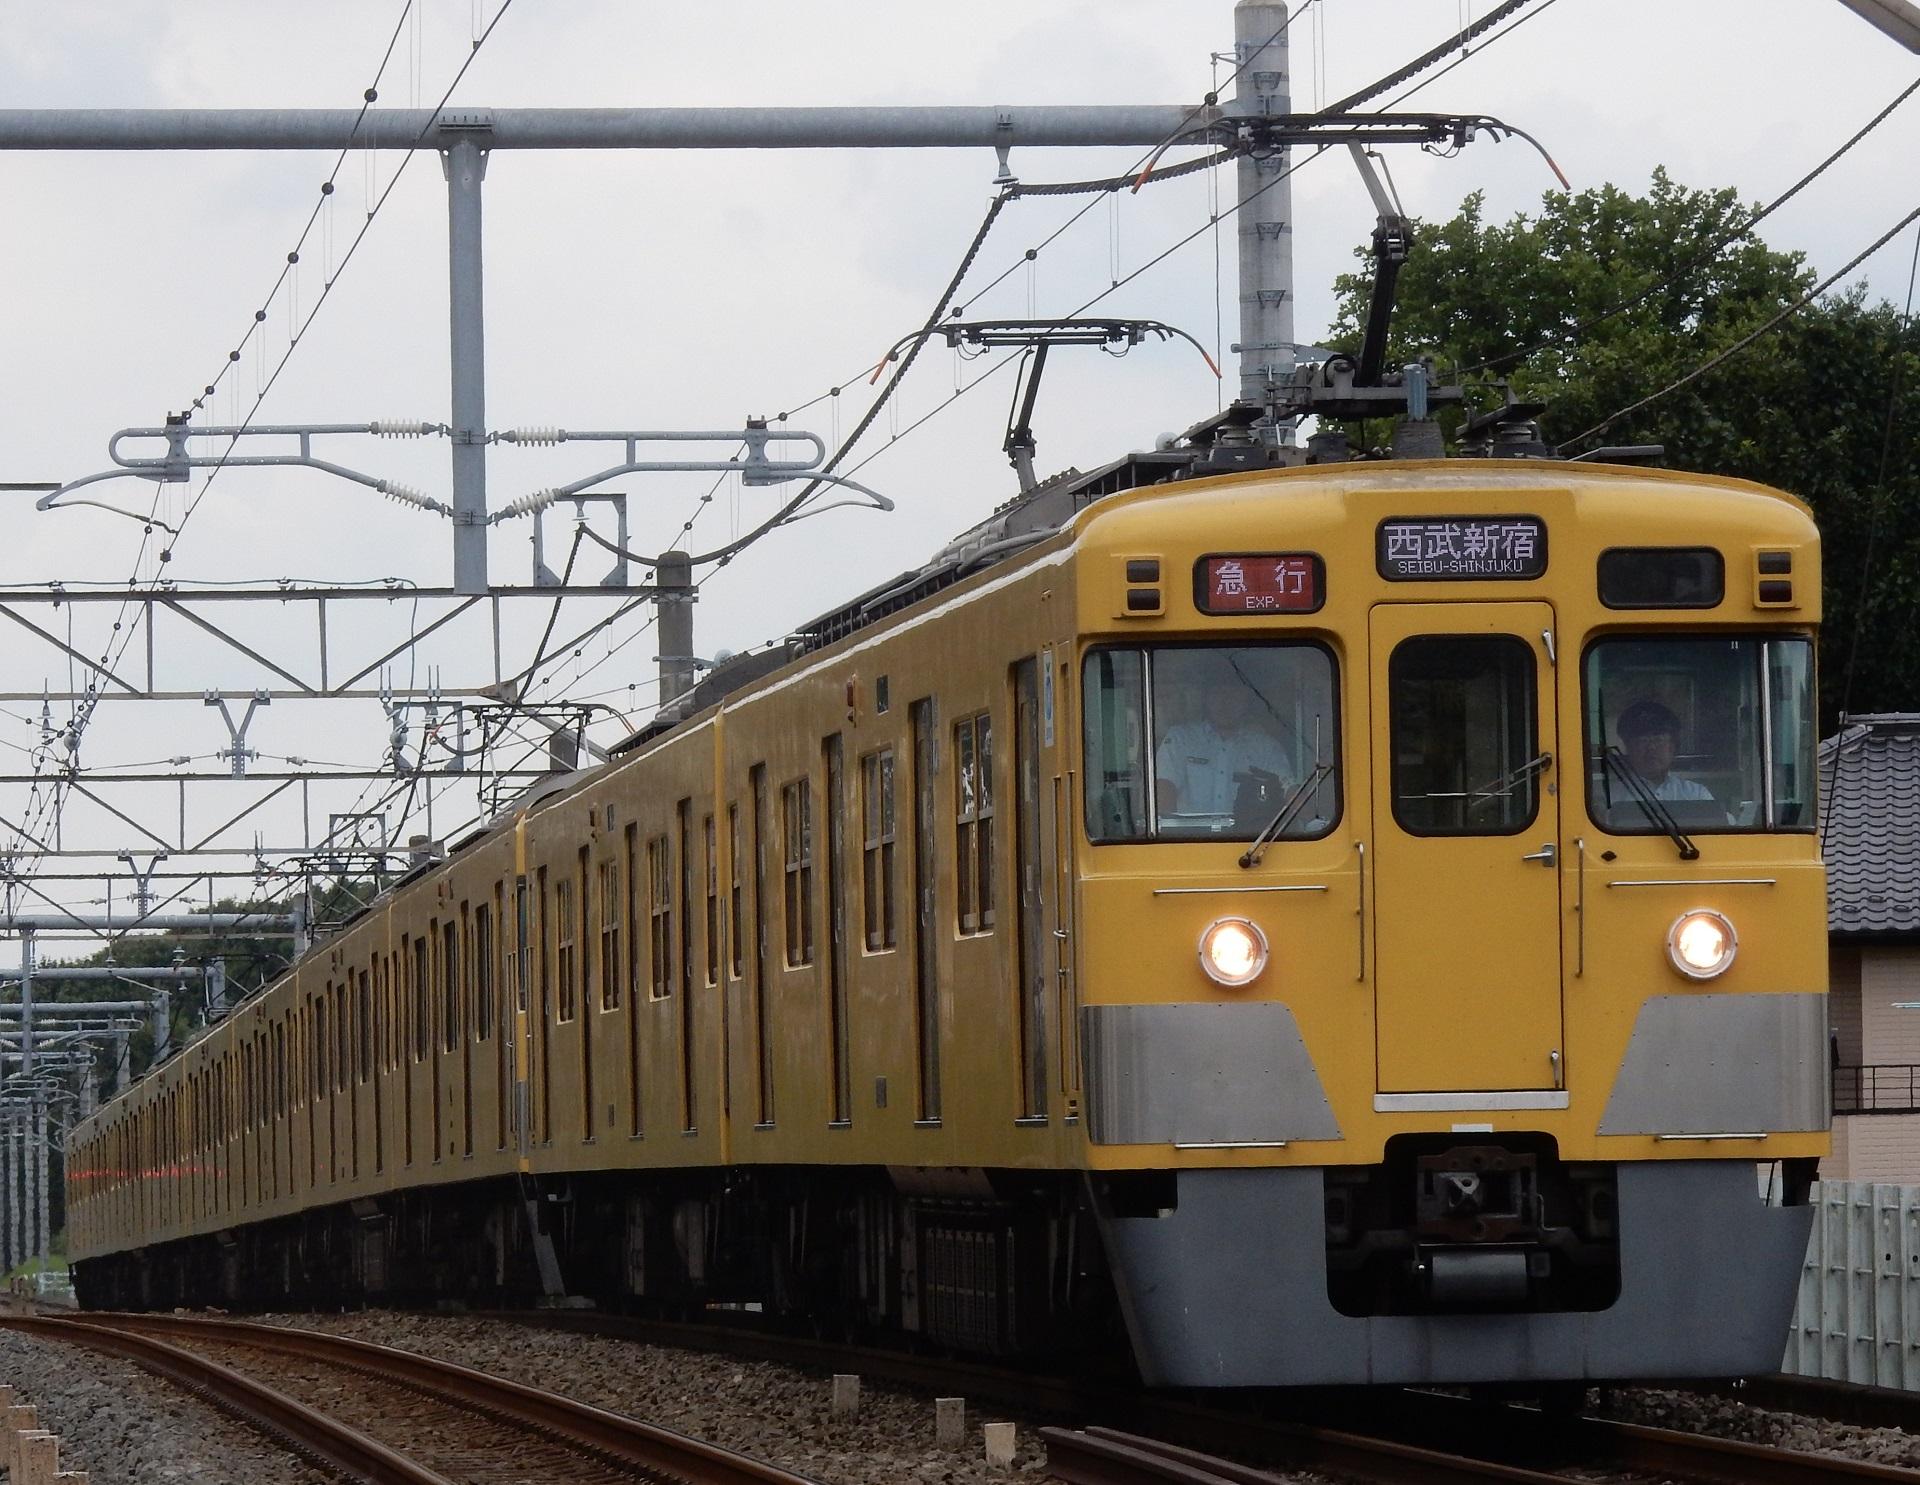 DSCN4644 - コピー